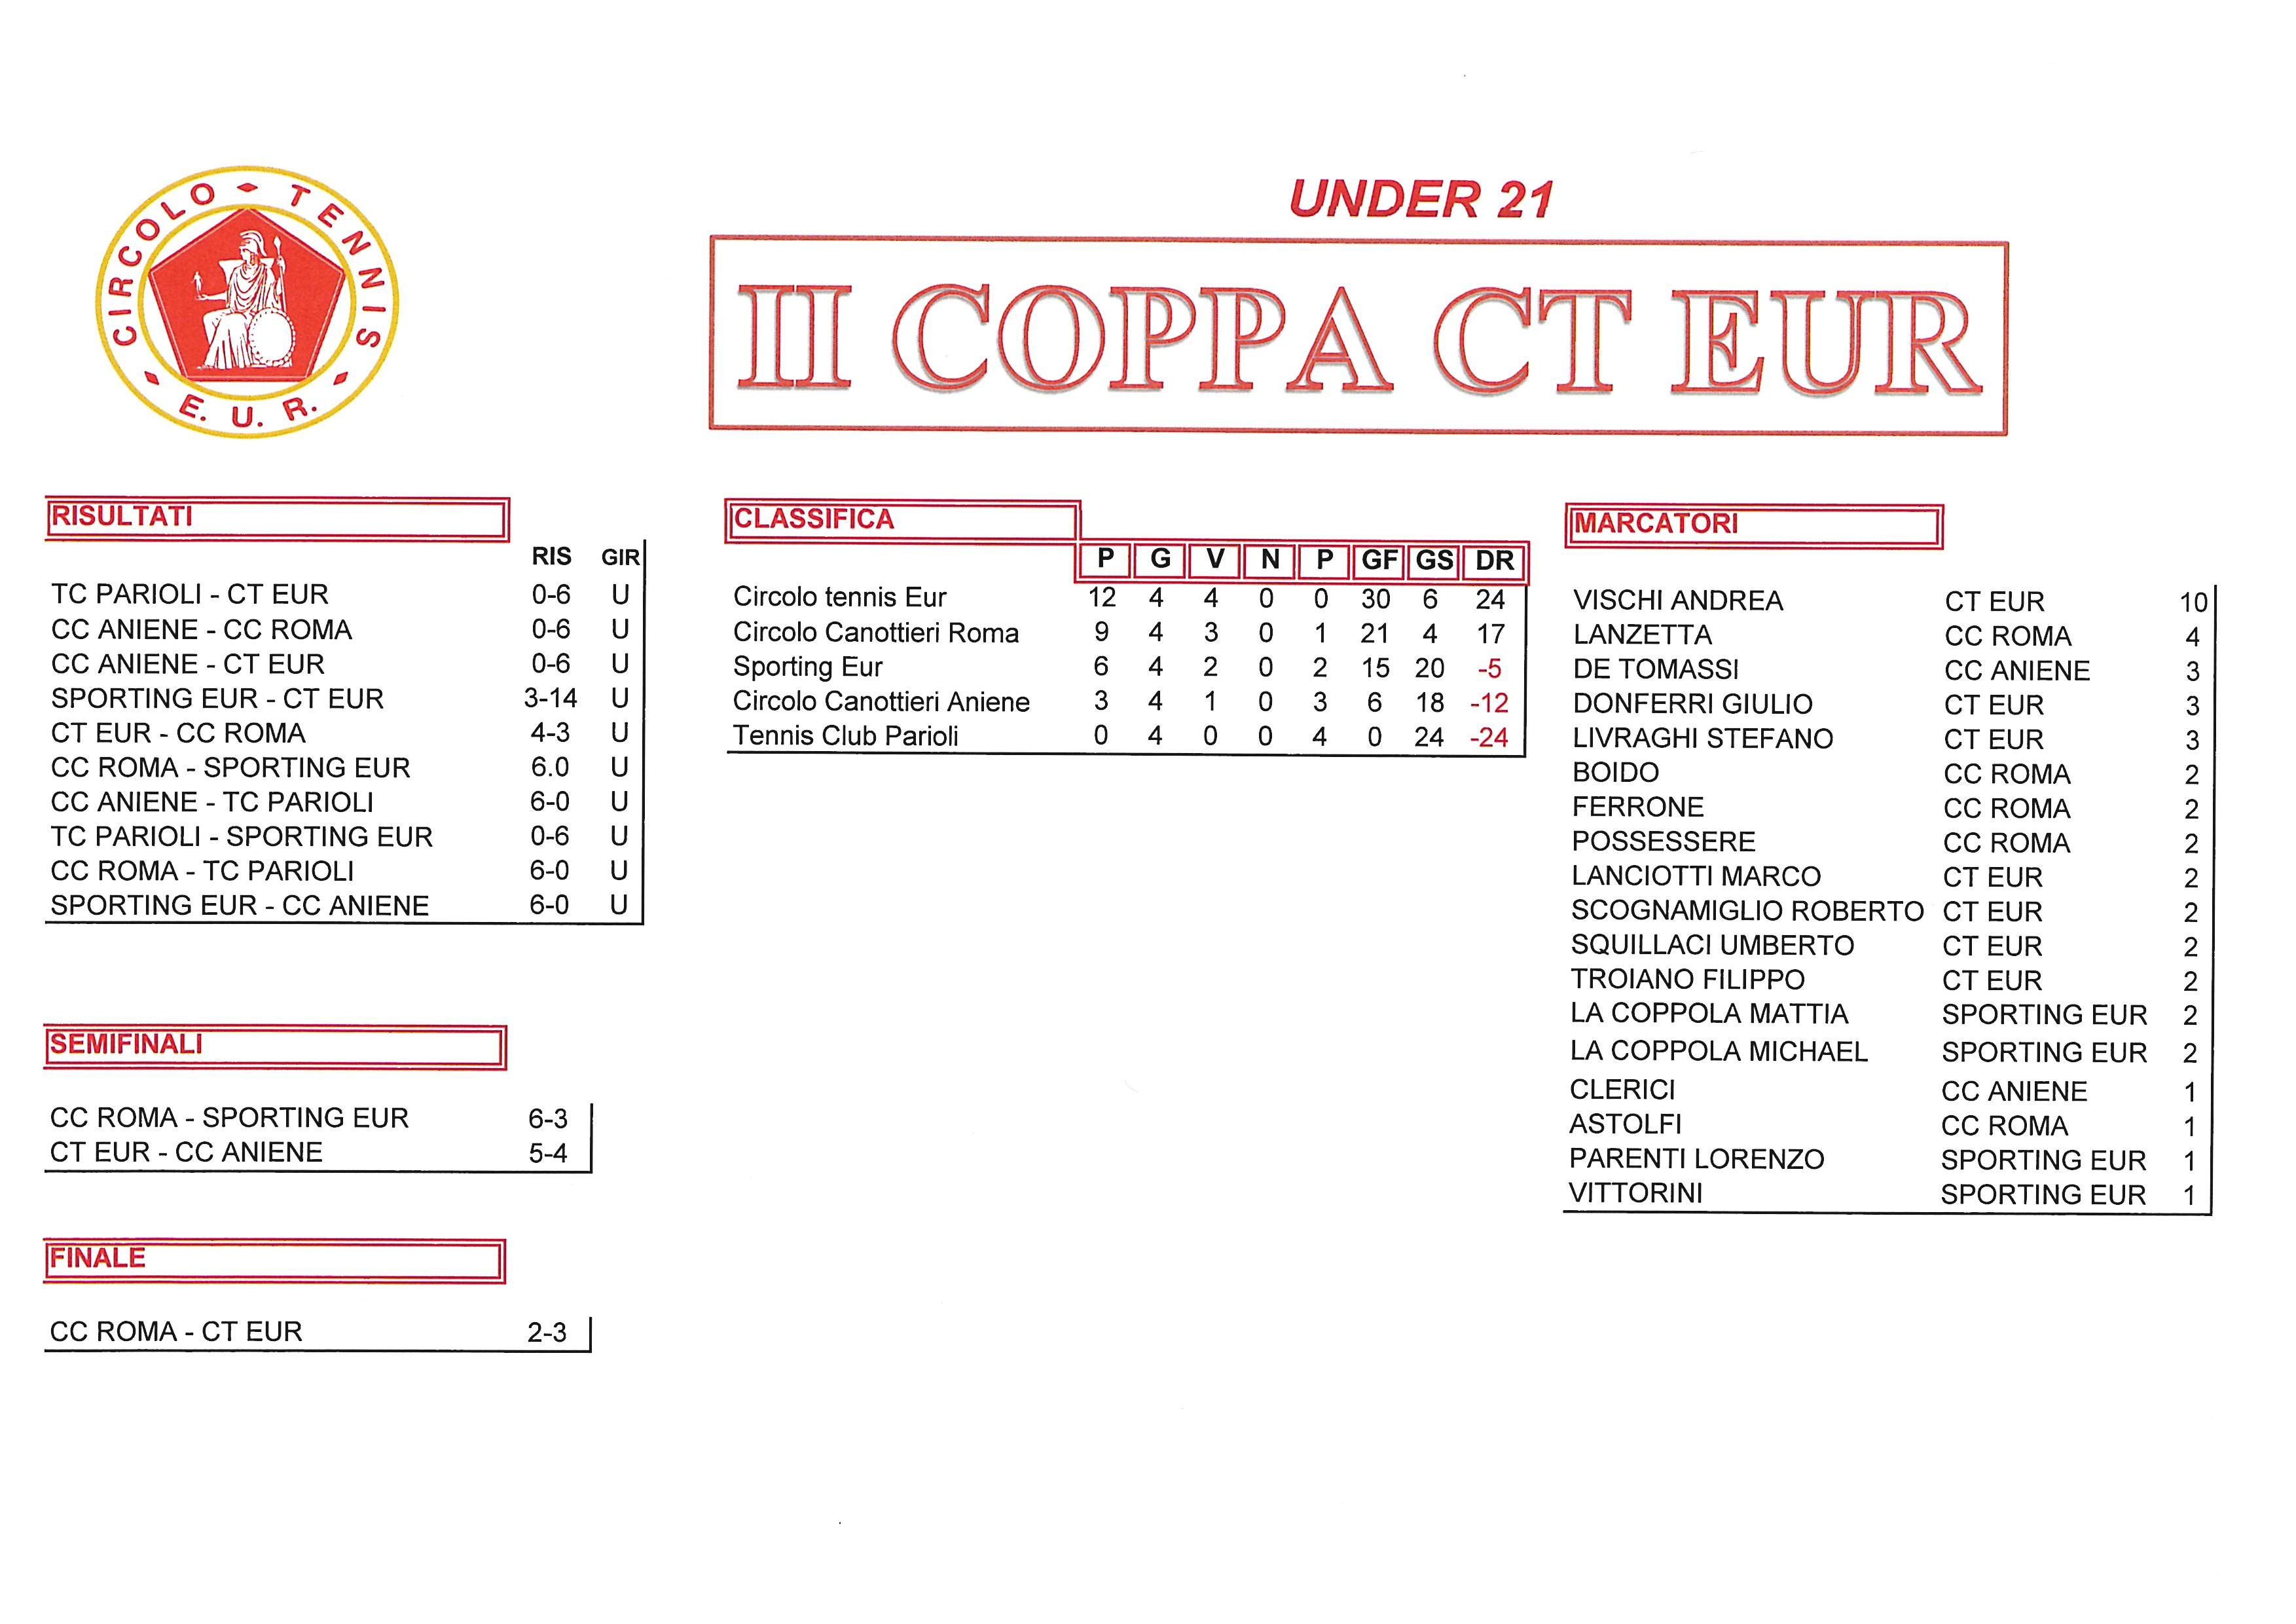 Coppa CT Eur risultati del 14 ottobre 2017 Finali Under 21